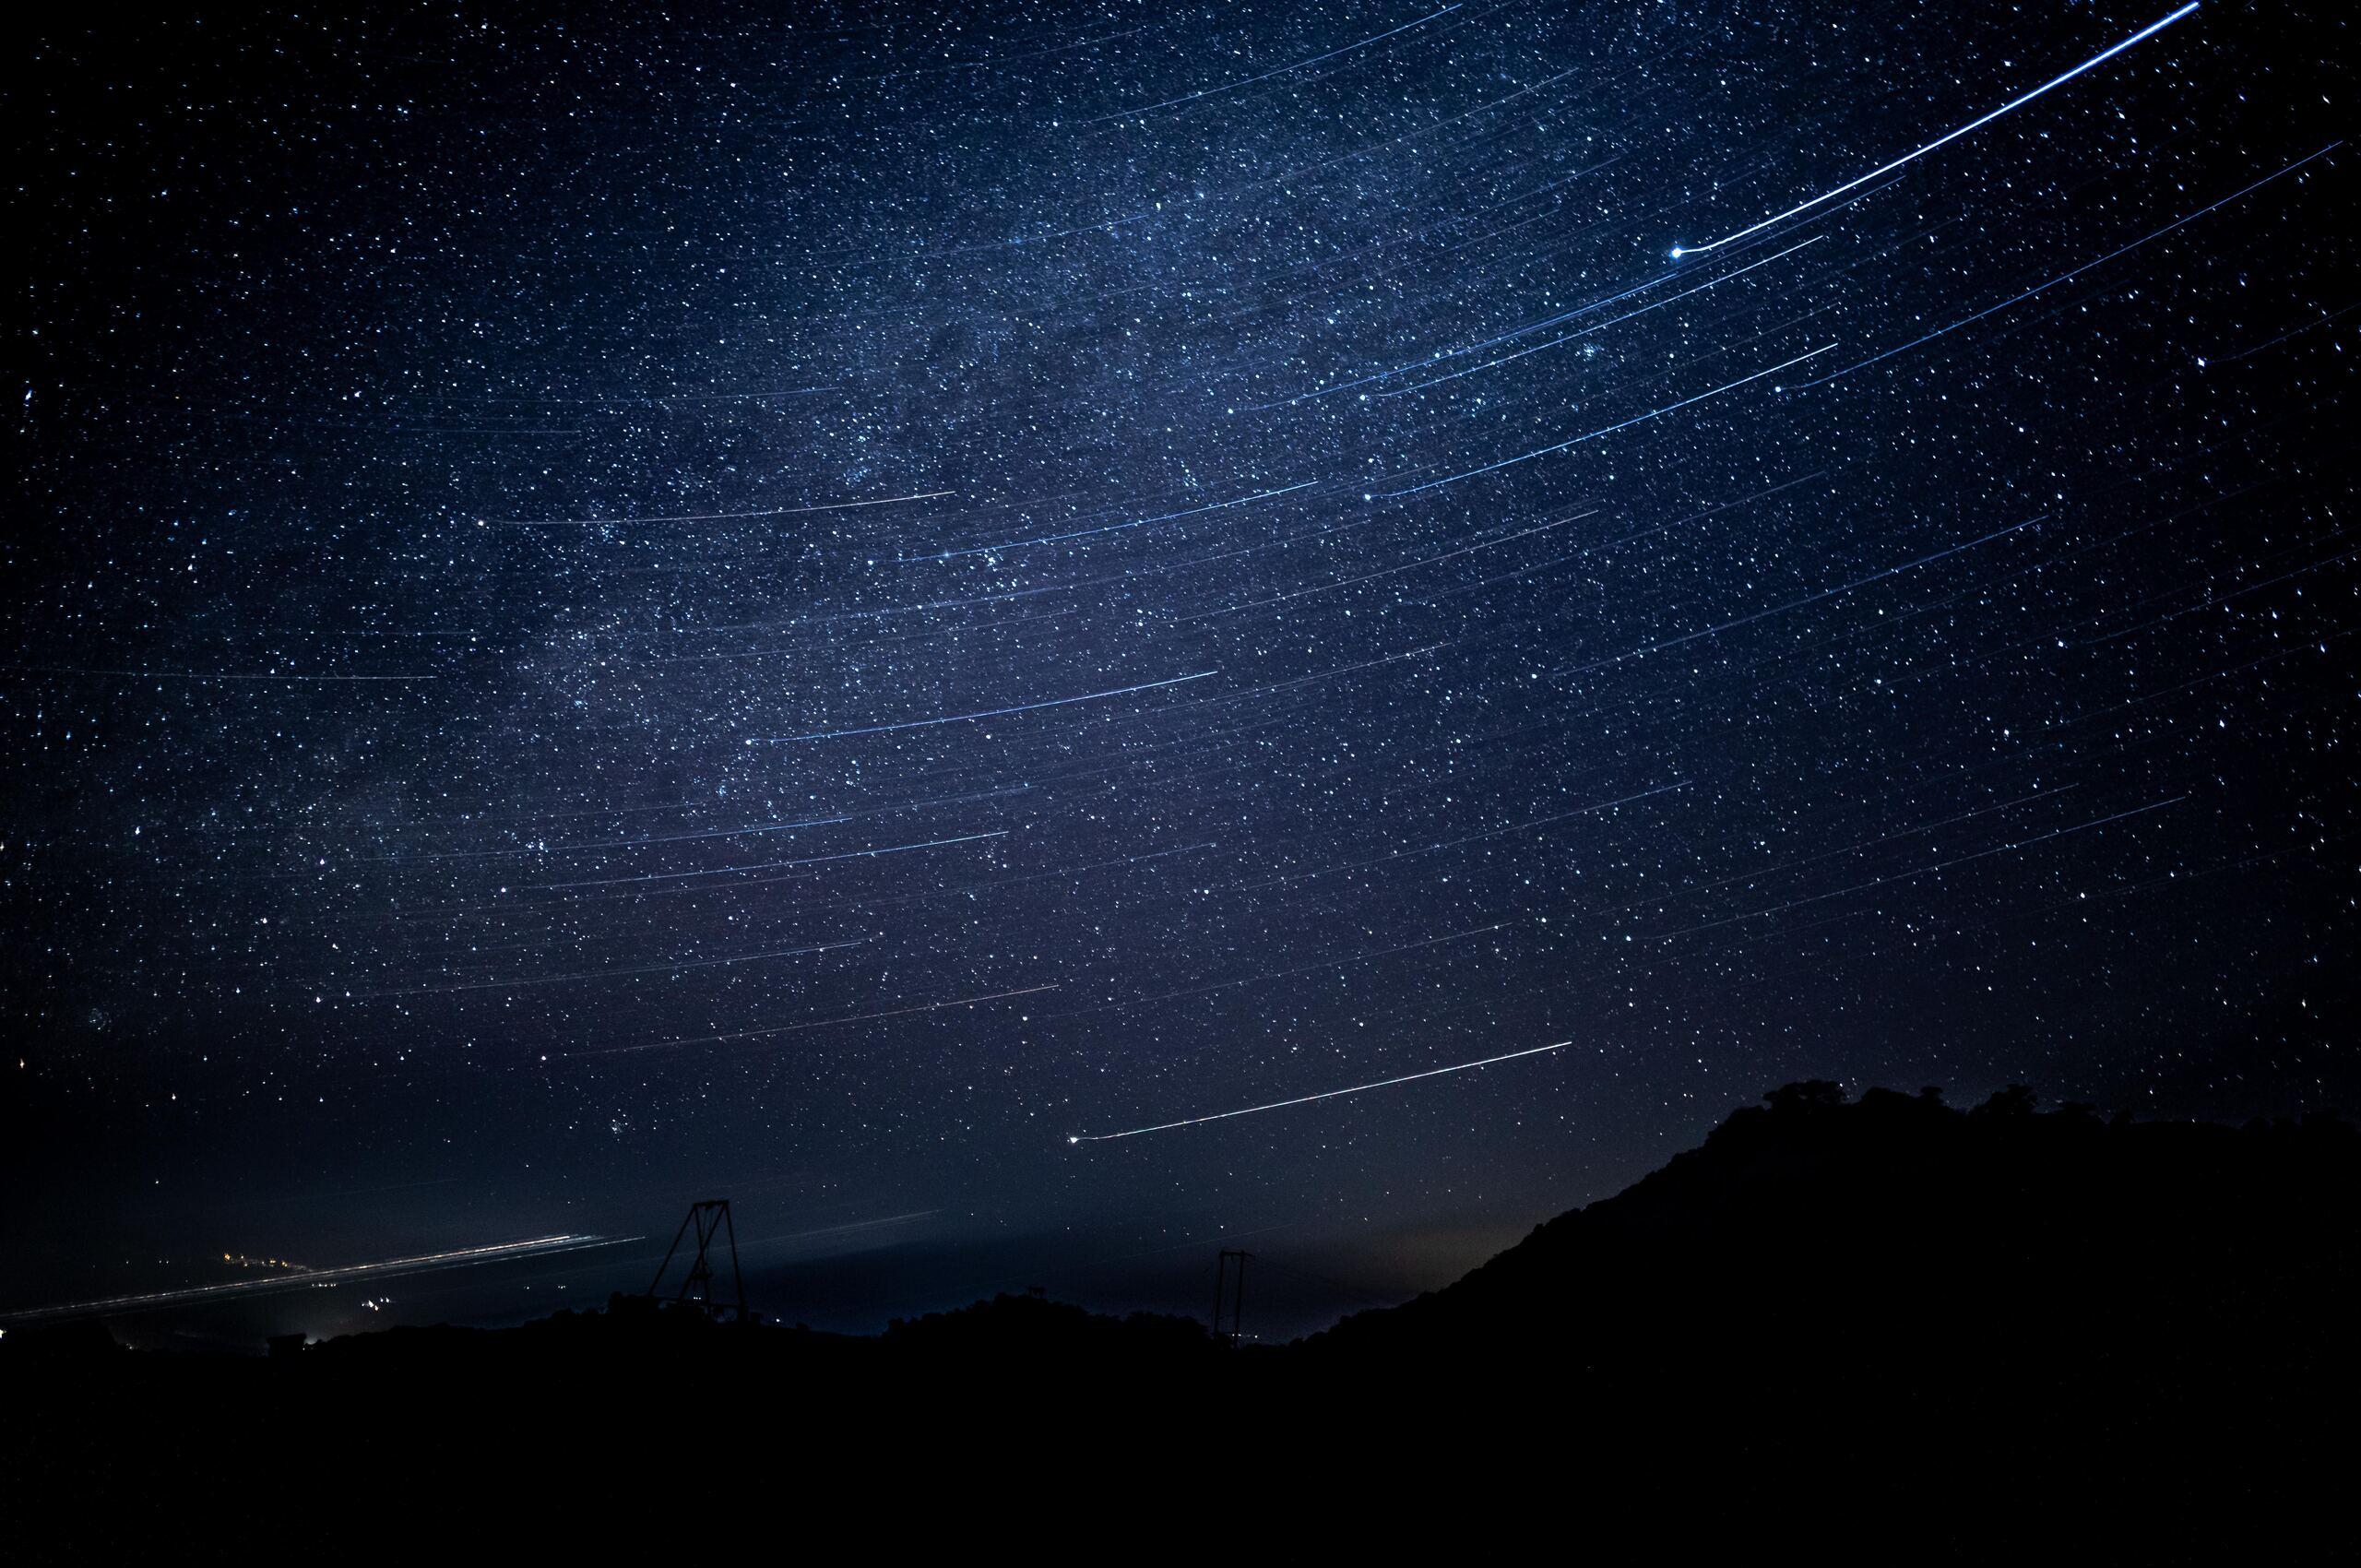 starry-skies-5k-q1.jpg